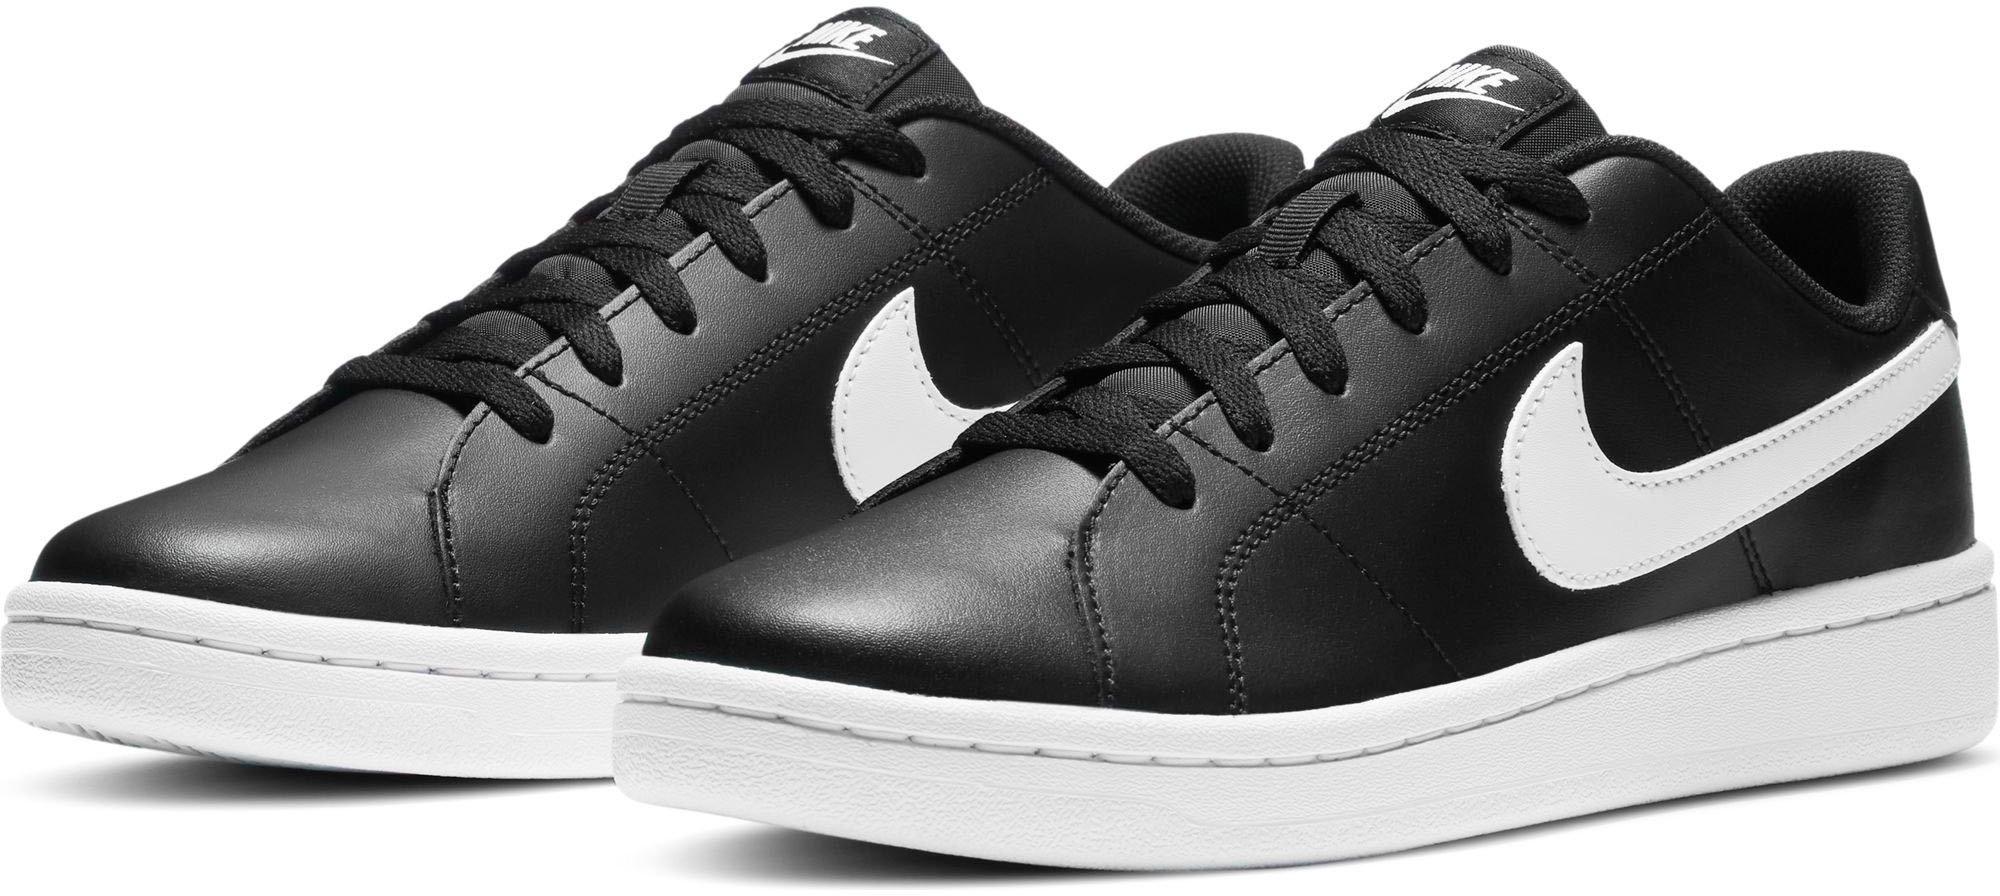 Nike Sportswear Nike sneakers »COURT ROYALE 2 LOW« goedkoop op otto.nl kopen